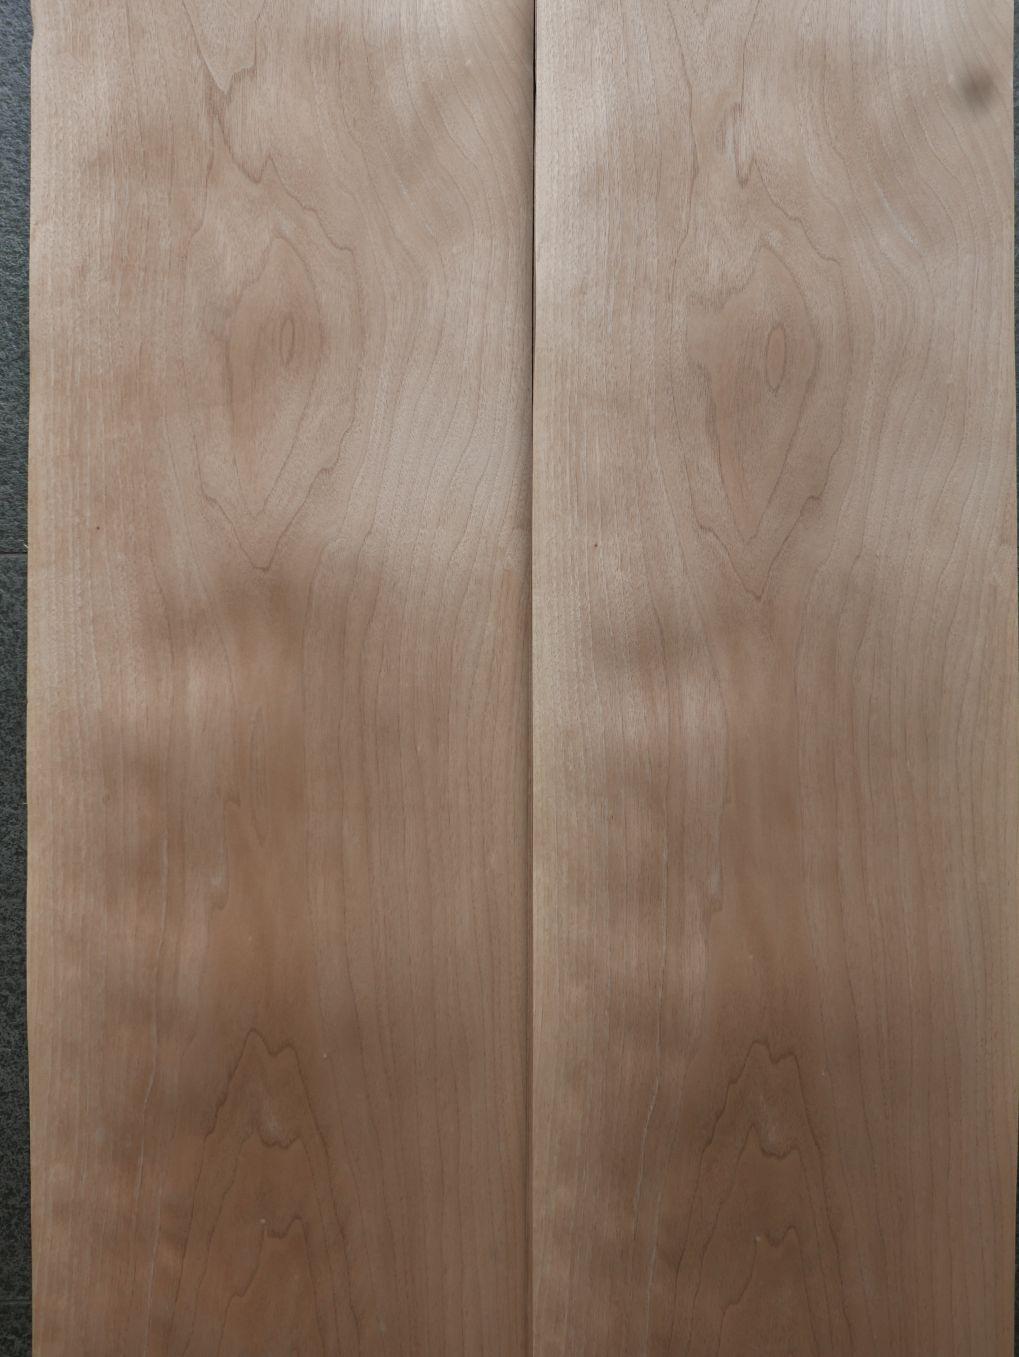 A0250-2 Europees Noten Blond 38,5-39,5x243cm 24st